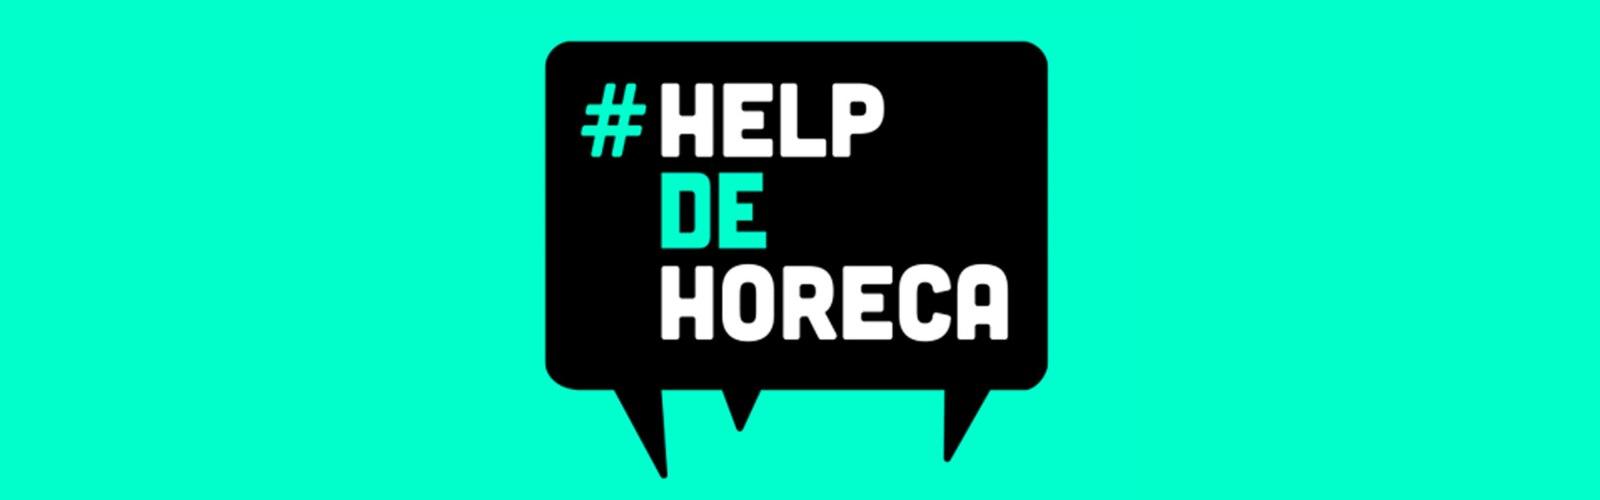 help-de-horeca-original.jpg